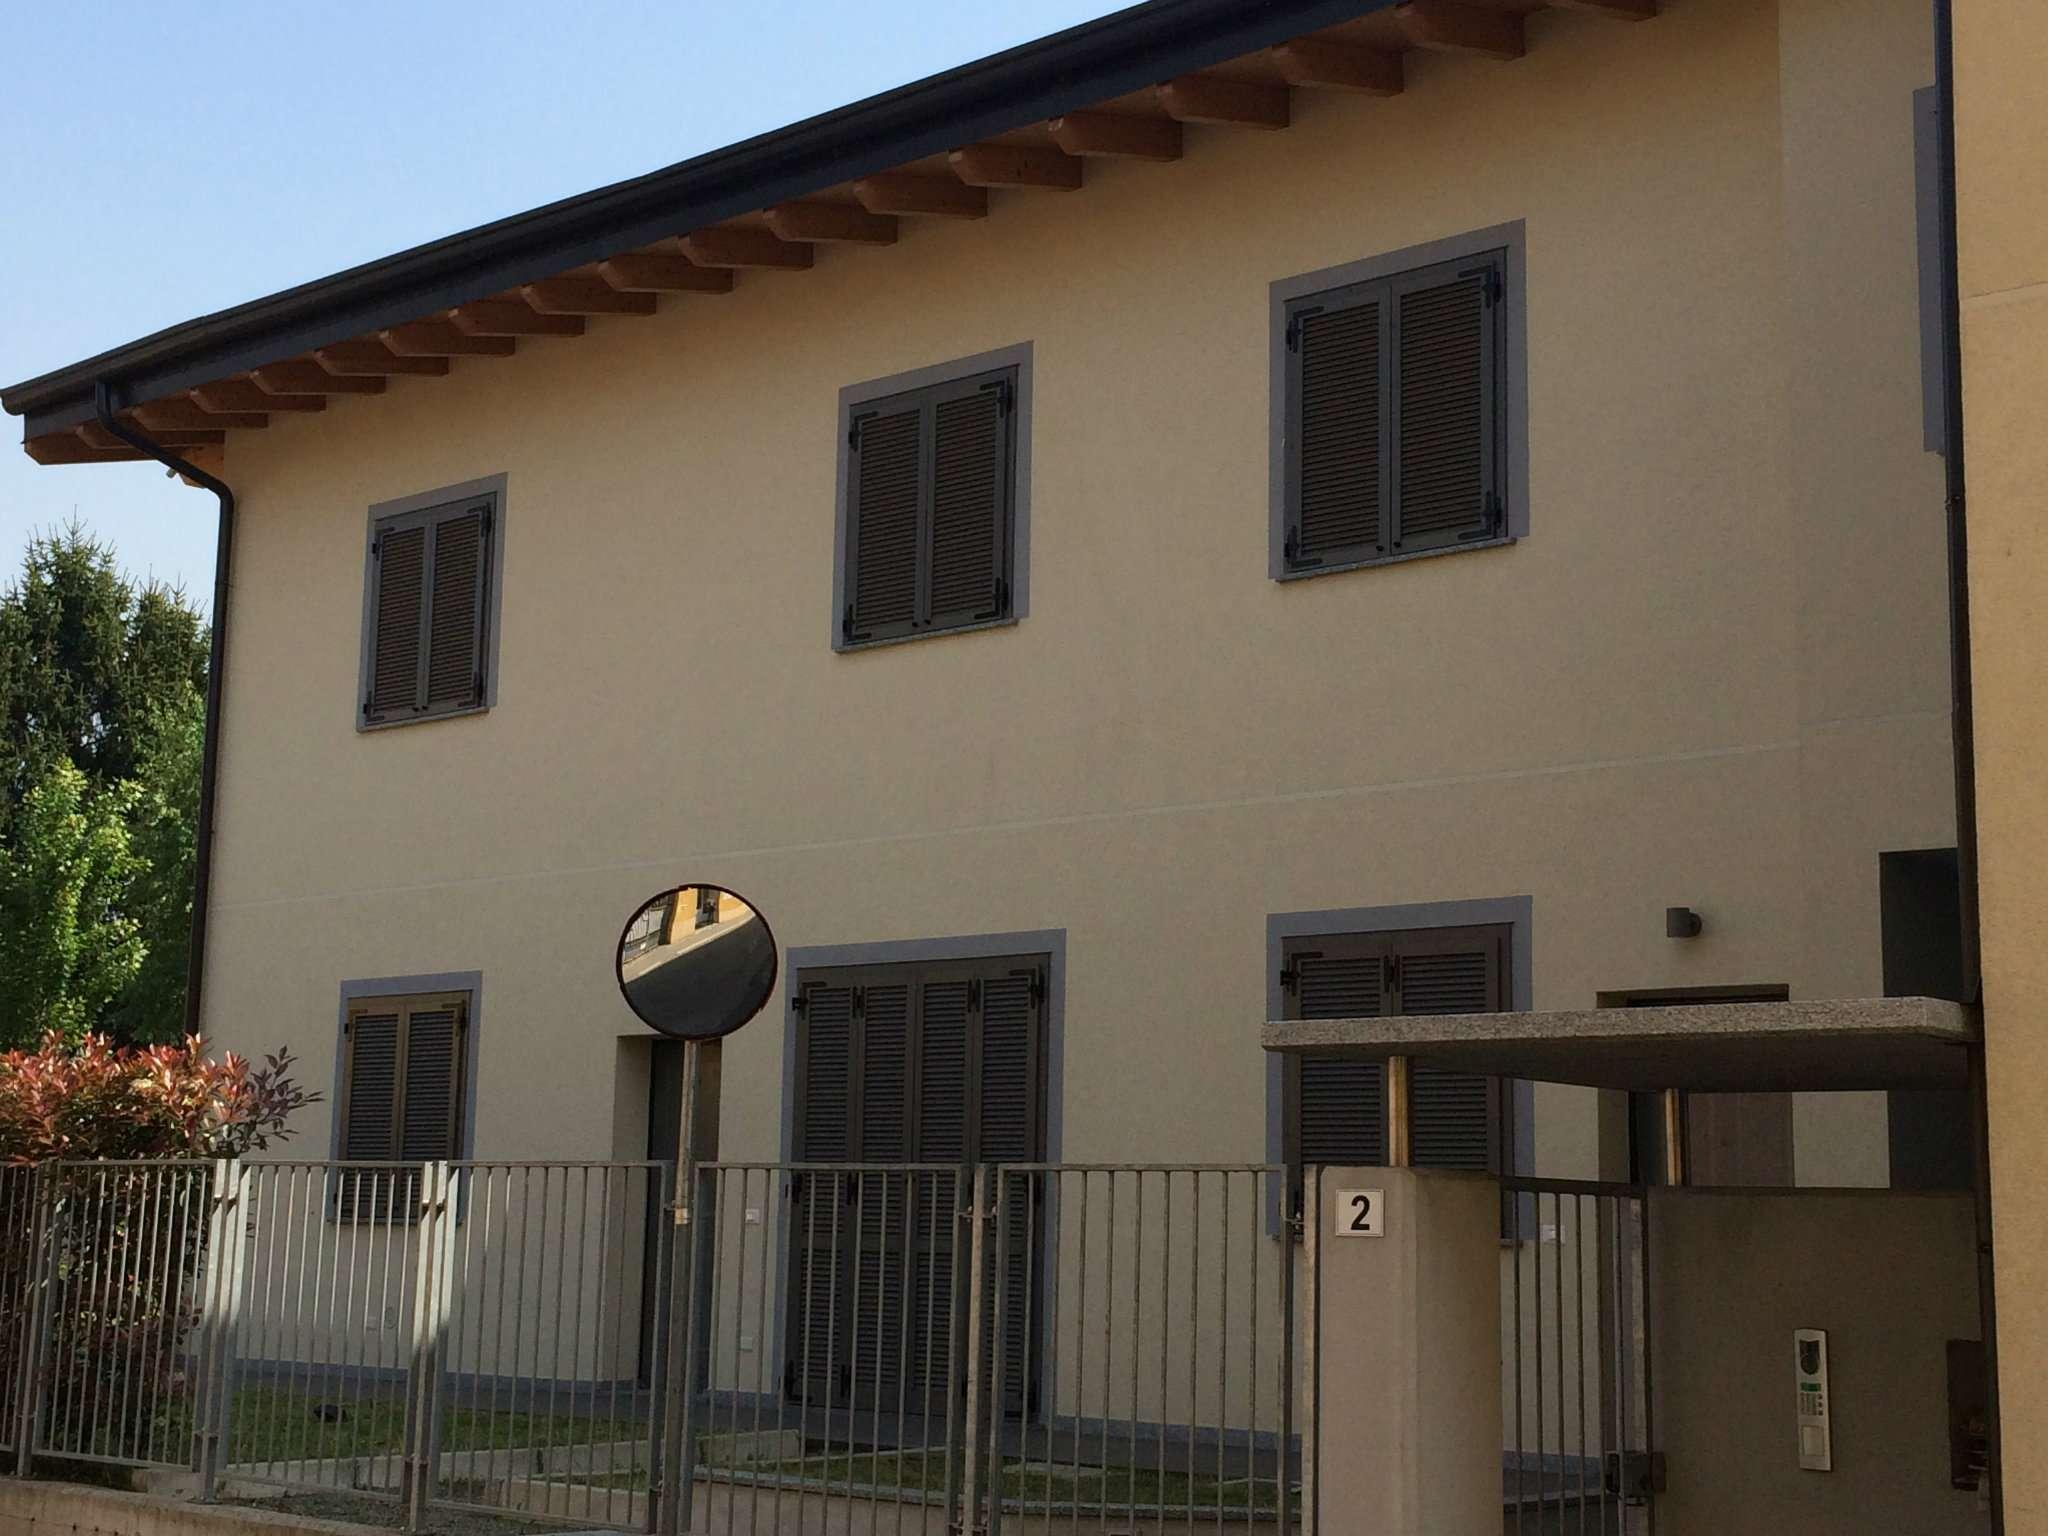 Villa in vendita a Nova Milanese, 9999 locali, prezzo € 156.000 | Cambio Casa.it